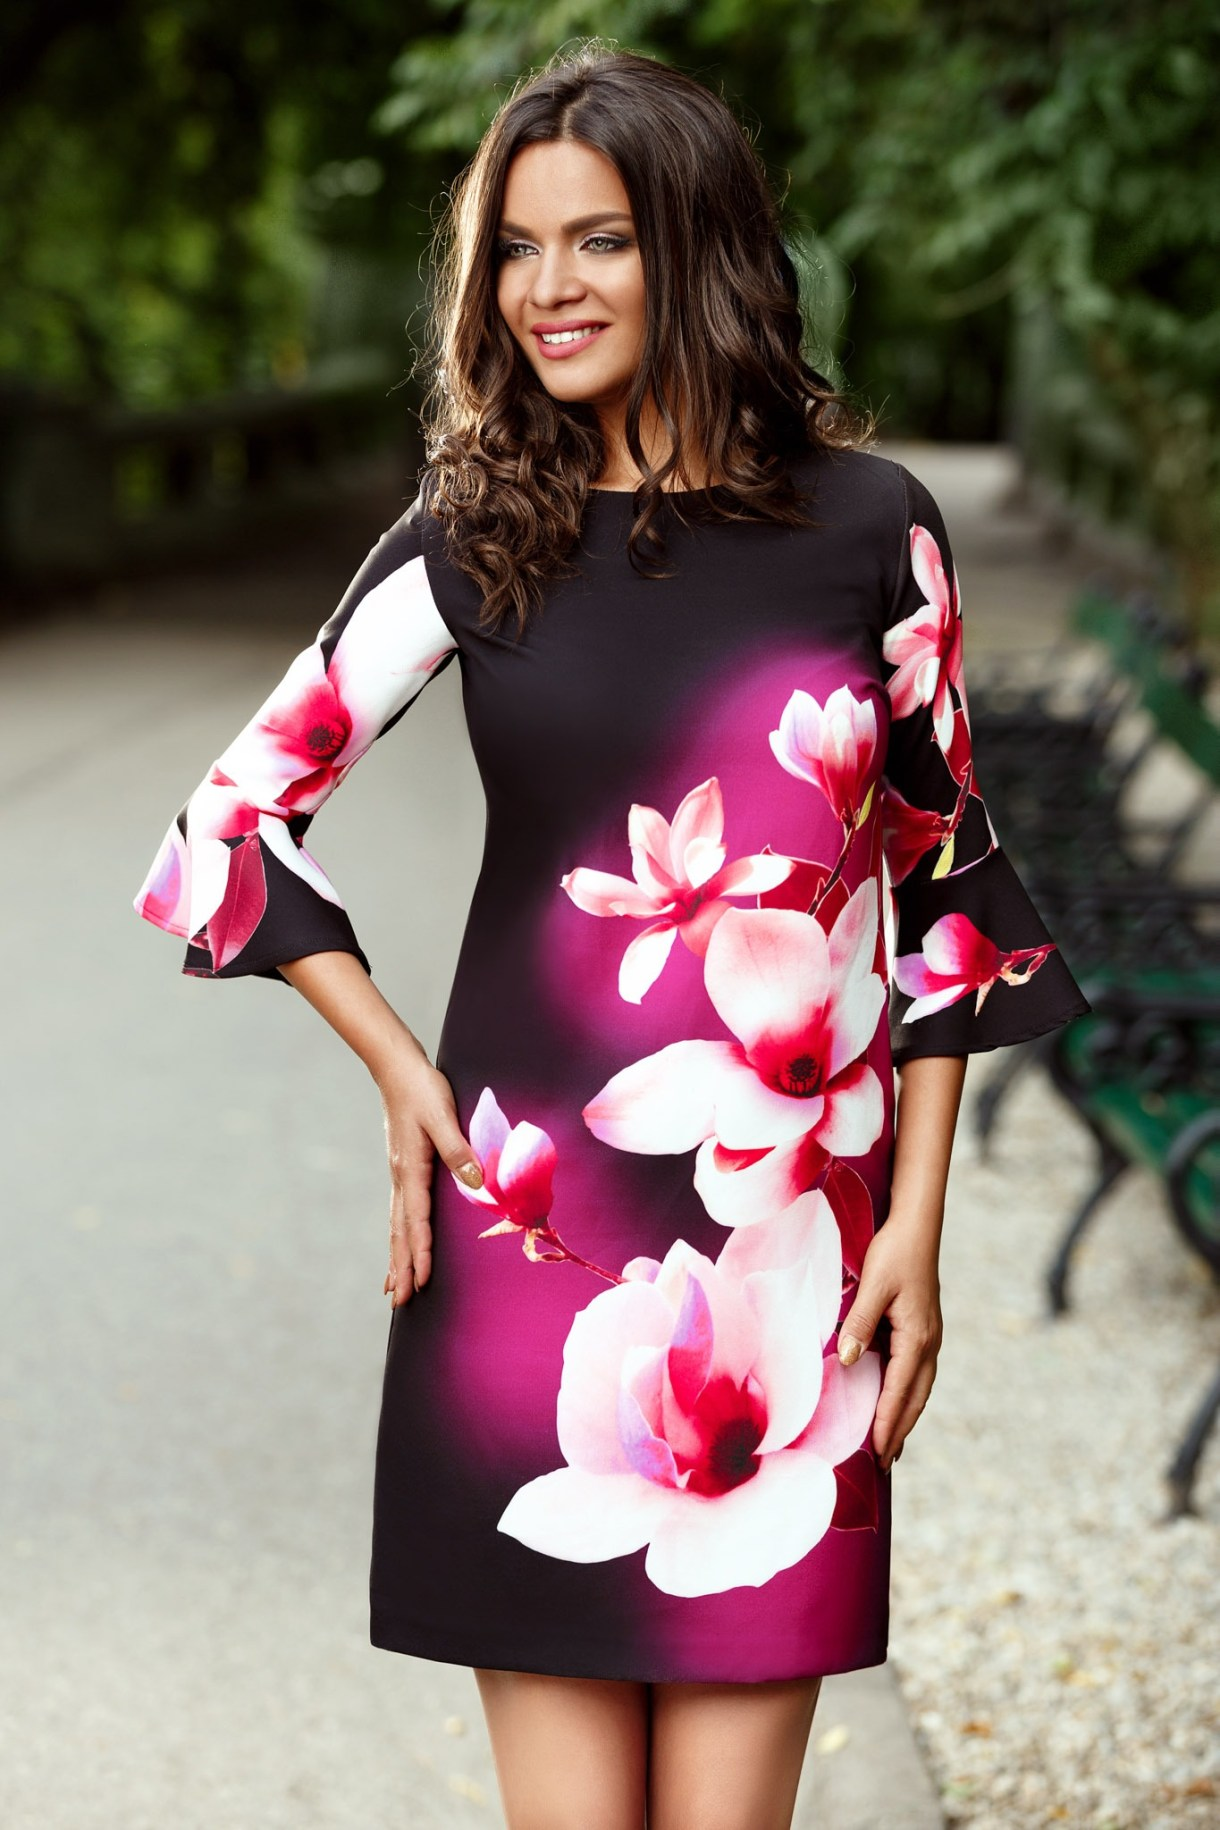 rochie_eleganta_neagra_cu_imprimeu_floral_2_